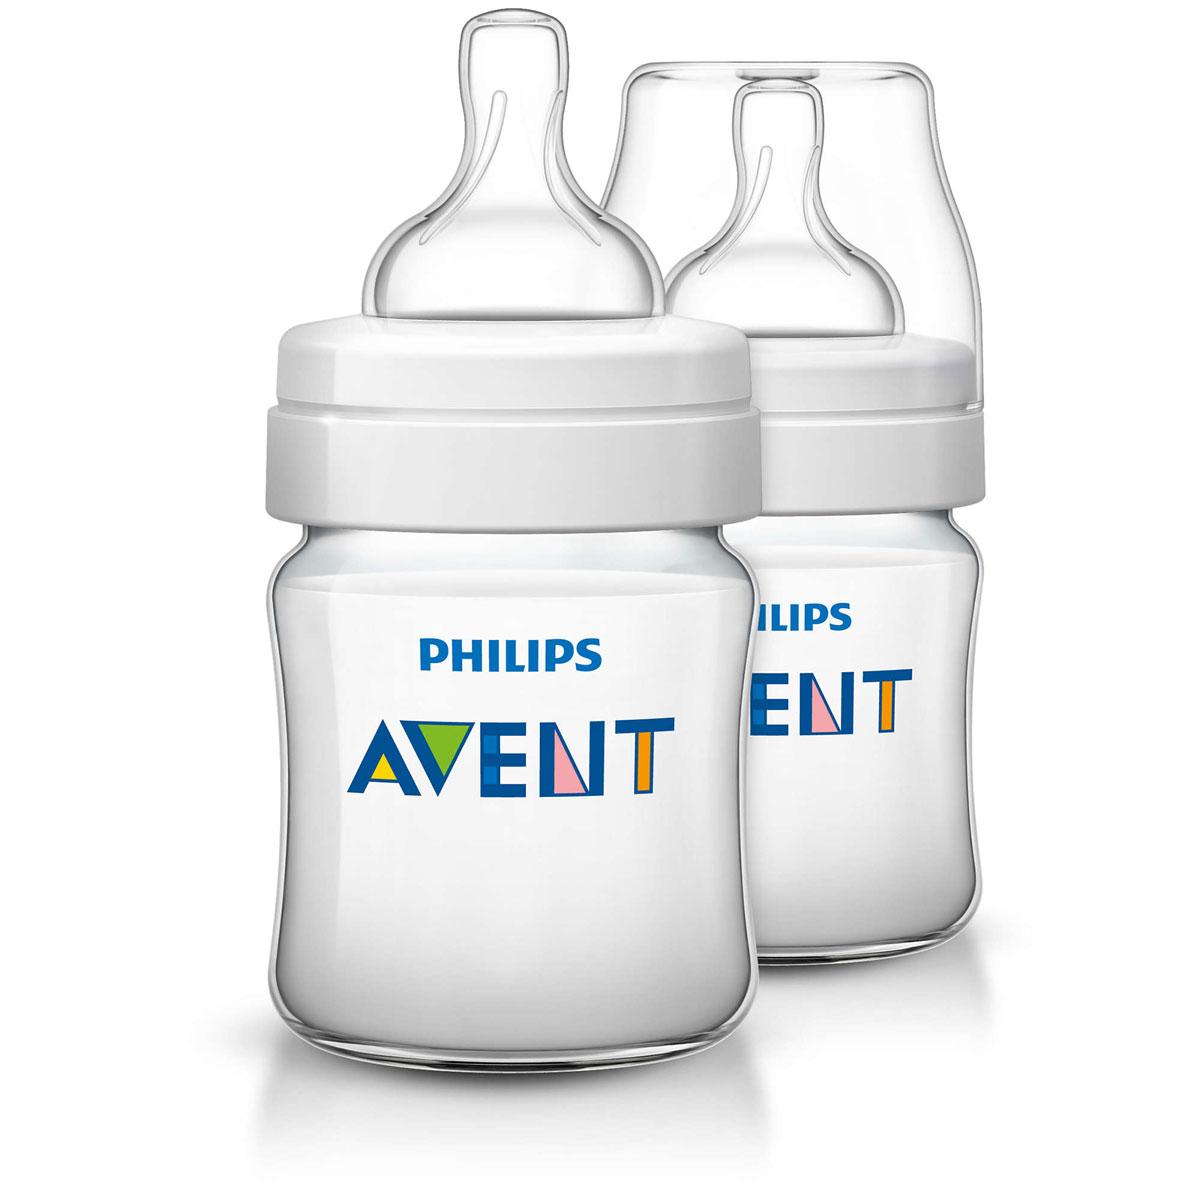 Philips Avent Бутылочка 125 мл, 2 шт. Соска с потоком для новорожденного SCF560/27SCF560/27Бутылочка для кормления Philips Avent Classic отличается от других бутылочек антиколиковой системой, эффективность которой доказана клиническими испытаниями, теперь используется в соске, делая процесс сборки максимально простым. Во время кормления уникальный клапан на соске открывается, пропуская воздух в бутылочку, а не в животик малыша. Полноценный сон и правильное питание крайне важны для здоровья и хорошего самочувствия малыша. В ходе клинического исследования, целью которого было выяснить, влияет ли дизайн бутылочки для кормления грудных детей на их поведение, специалисты установили, что при использовании бутылочки Philips Avent серии Classic дети ведут себя спокойно значительно дольше. Это особенно заметно в ночное время. Новая бутылочка препятствует протеканию для еще большего удовольствия от кормления. Всего 4 детали, широкое горлышко и закругленные края позволяют быстро и тщательно очистить бутылочку. Невероятно быстрая и эффективная очистка бутылочки для...